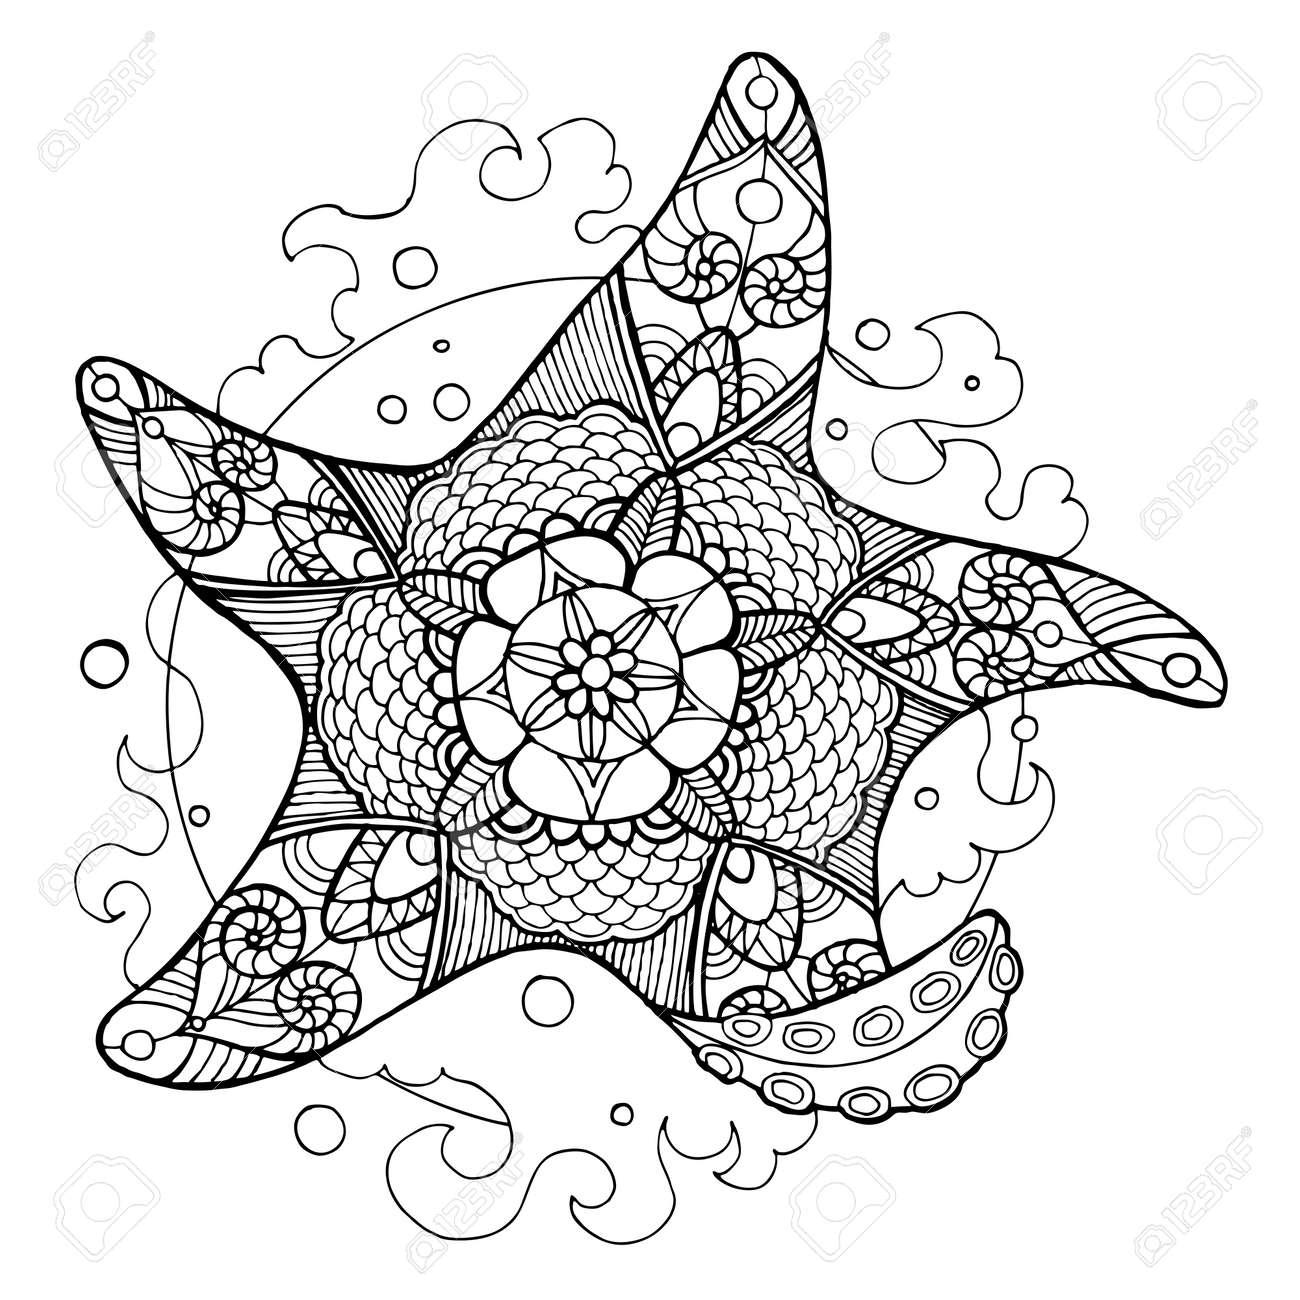 Libro De Colorear De Las Estrellas De Mar Para La Ilustracion Del